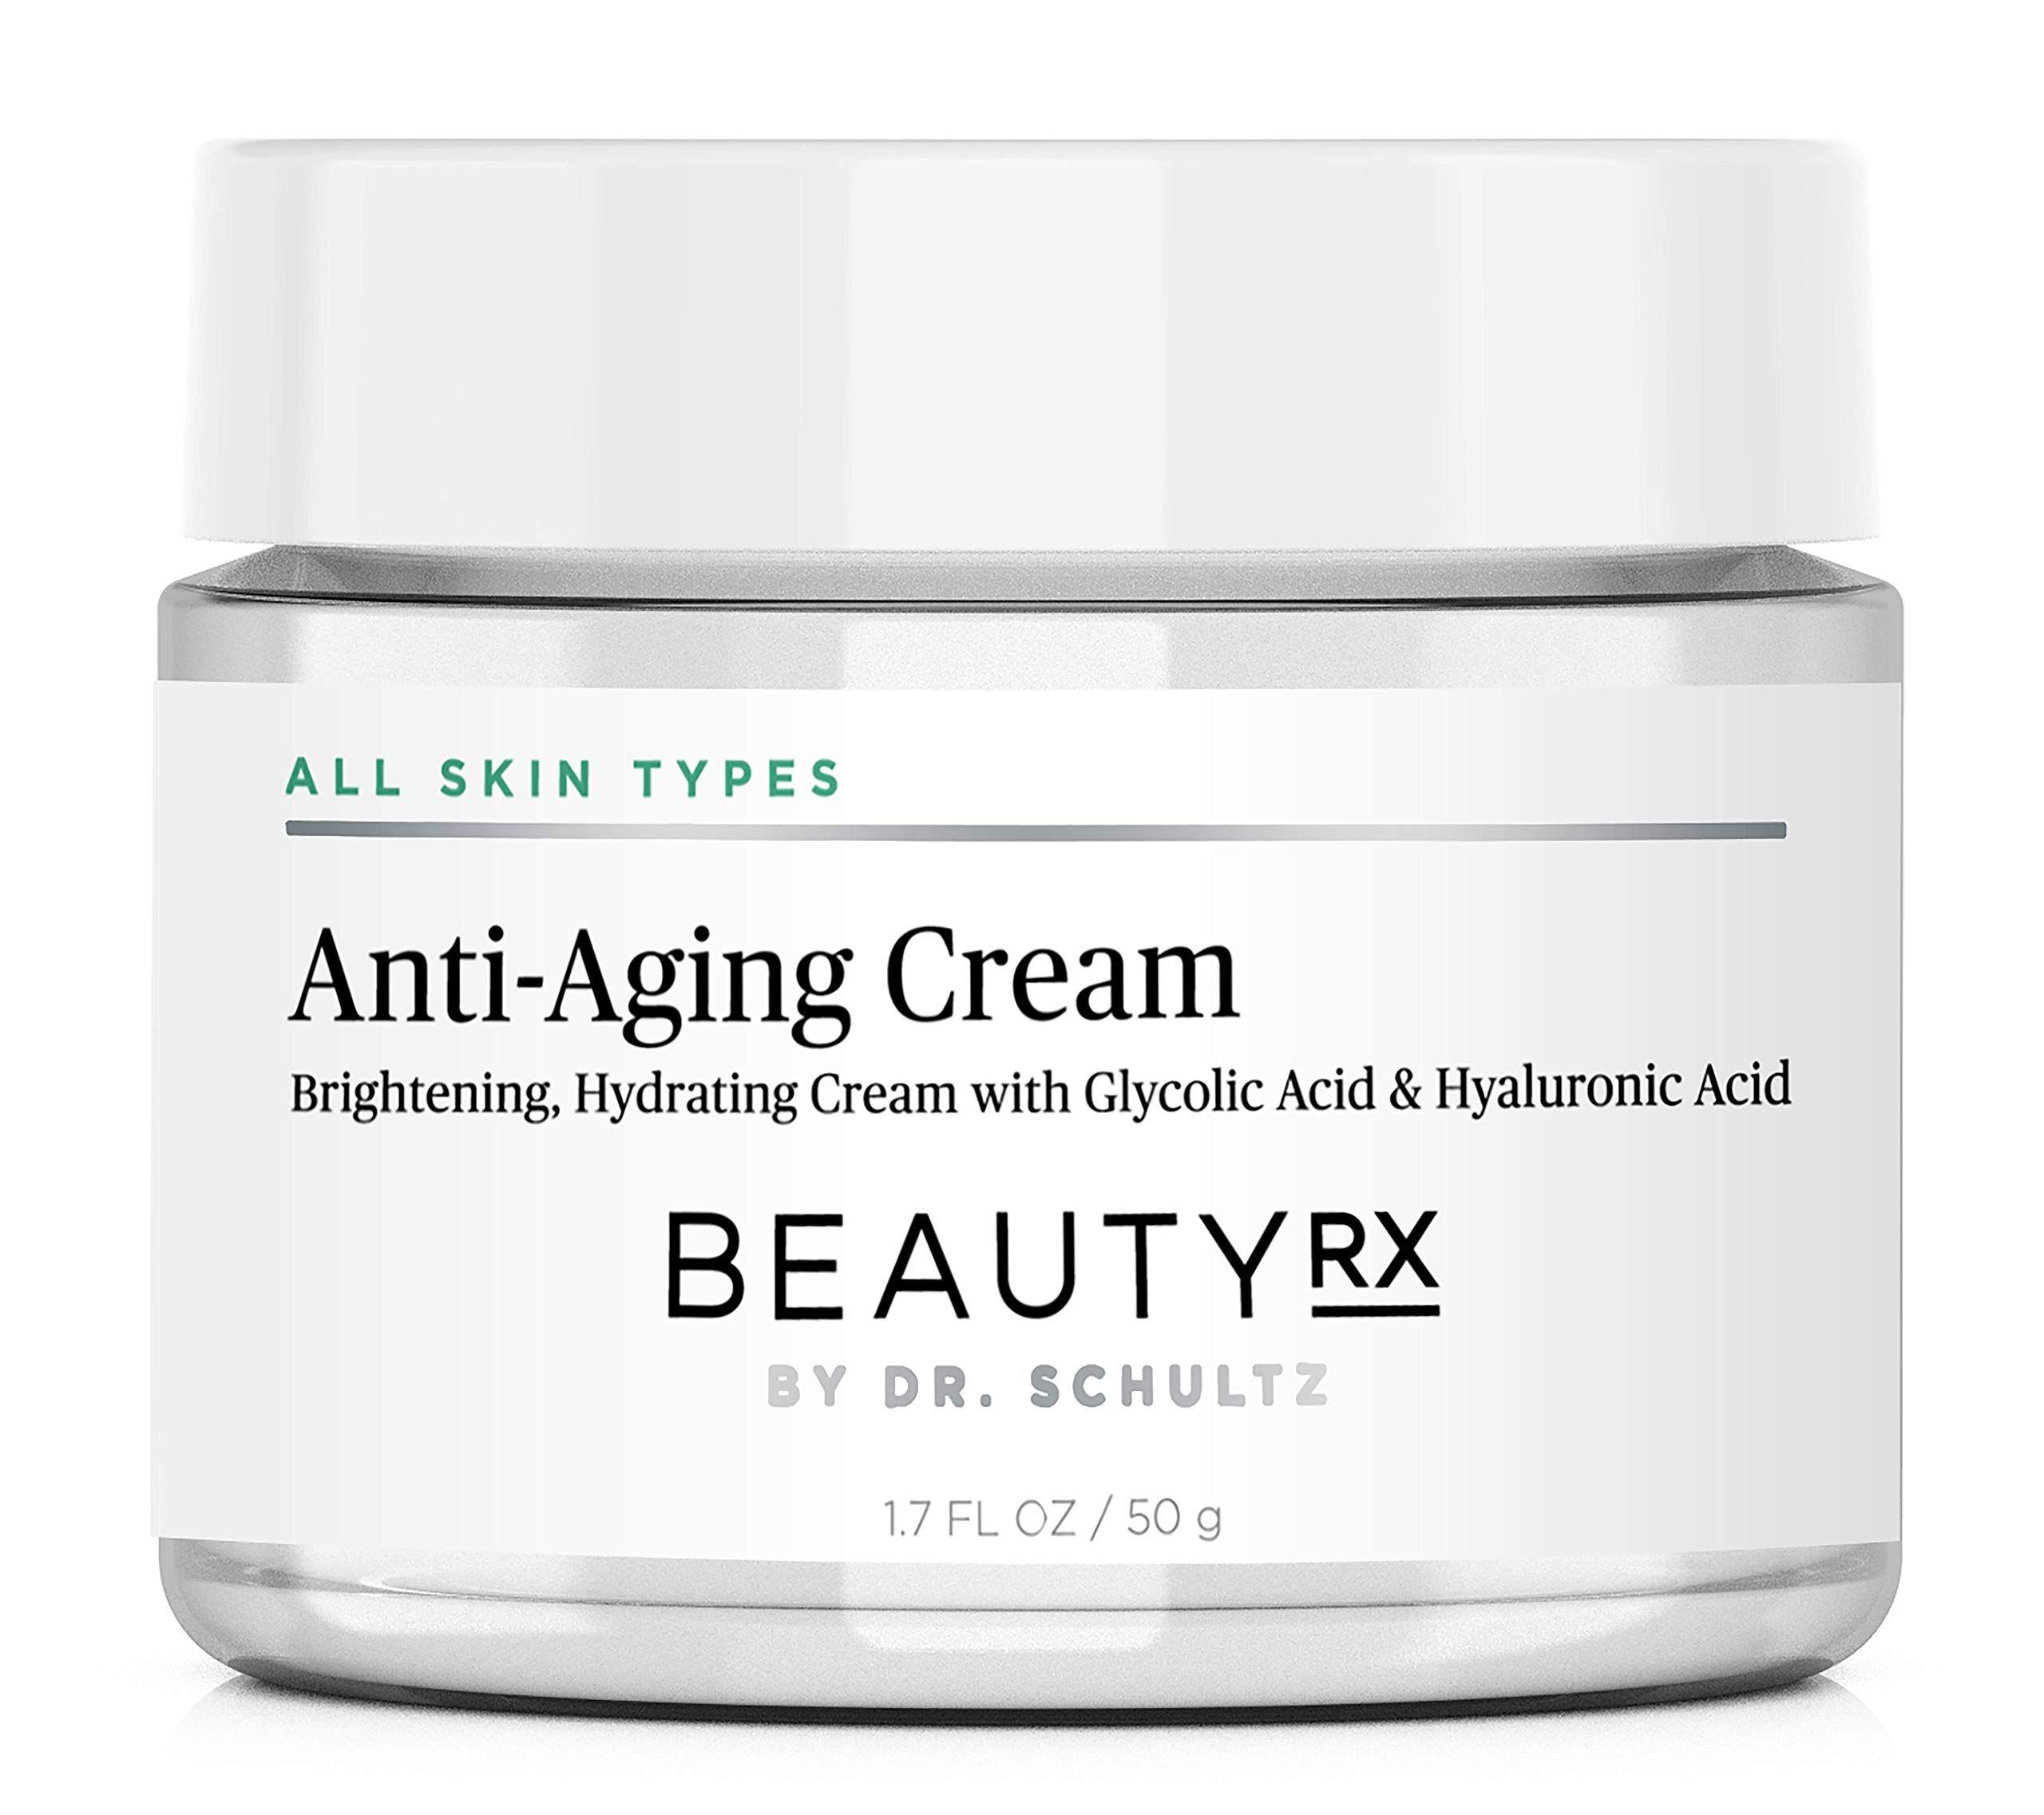 Beautyrx Dr Schultz Brightening Moisturizer In 2020 Anti Aging Face Cream Night Moisturizer Brightening Moisturizer